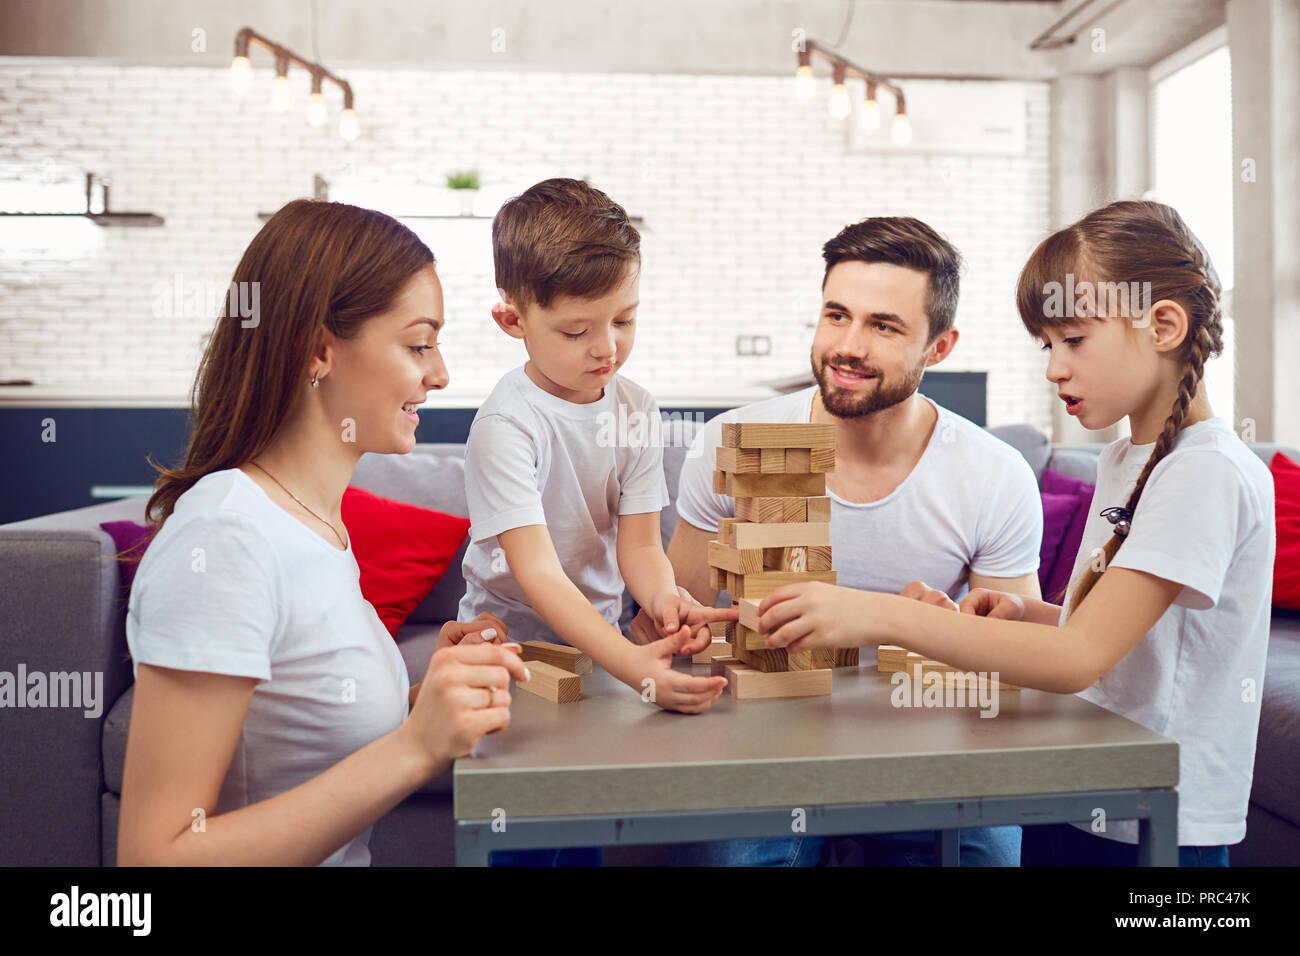 Familia Feliz Jugando A Juegos De Mesa En Casa Foto Imagen De